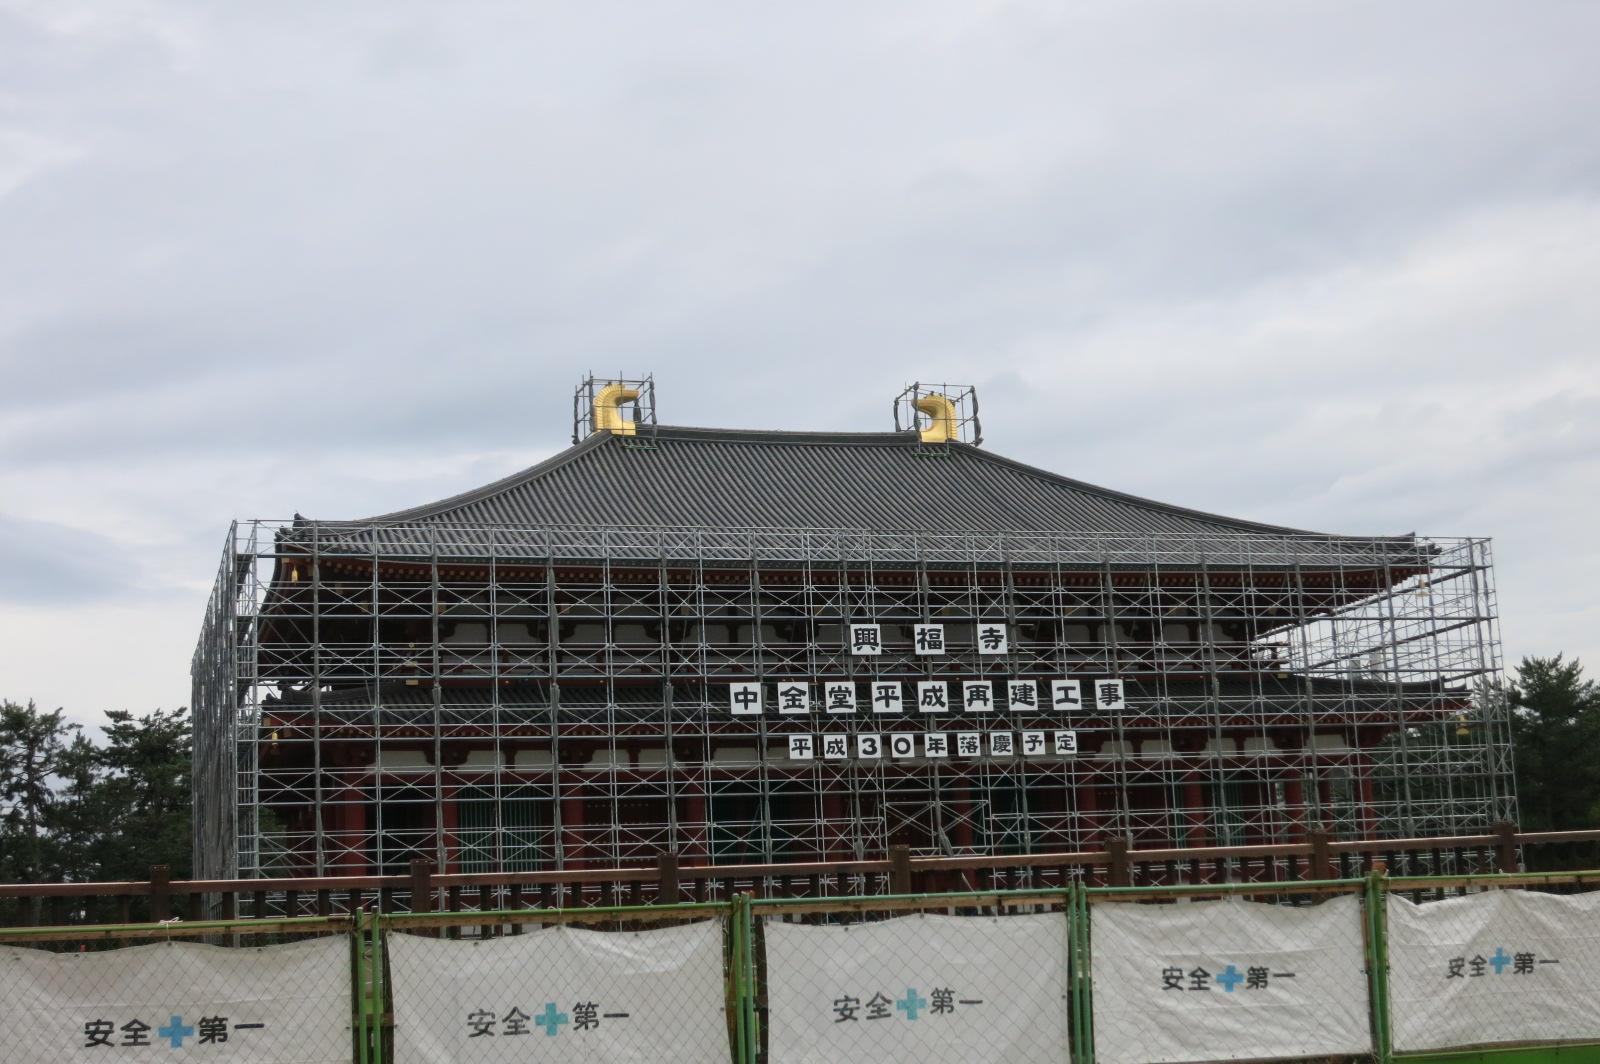 再建工事中の興福寺中金堂。来月の平成30年10月に落慶予定となっています。